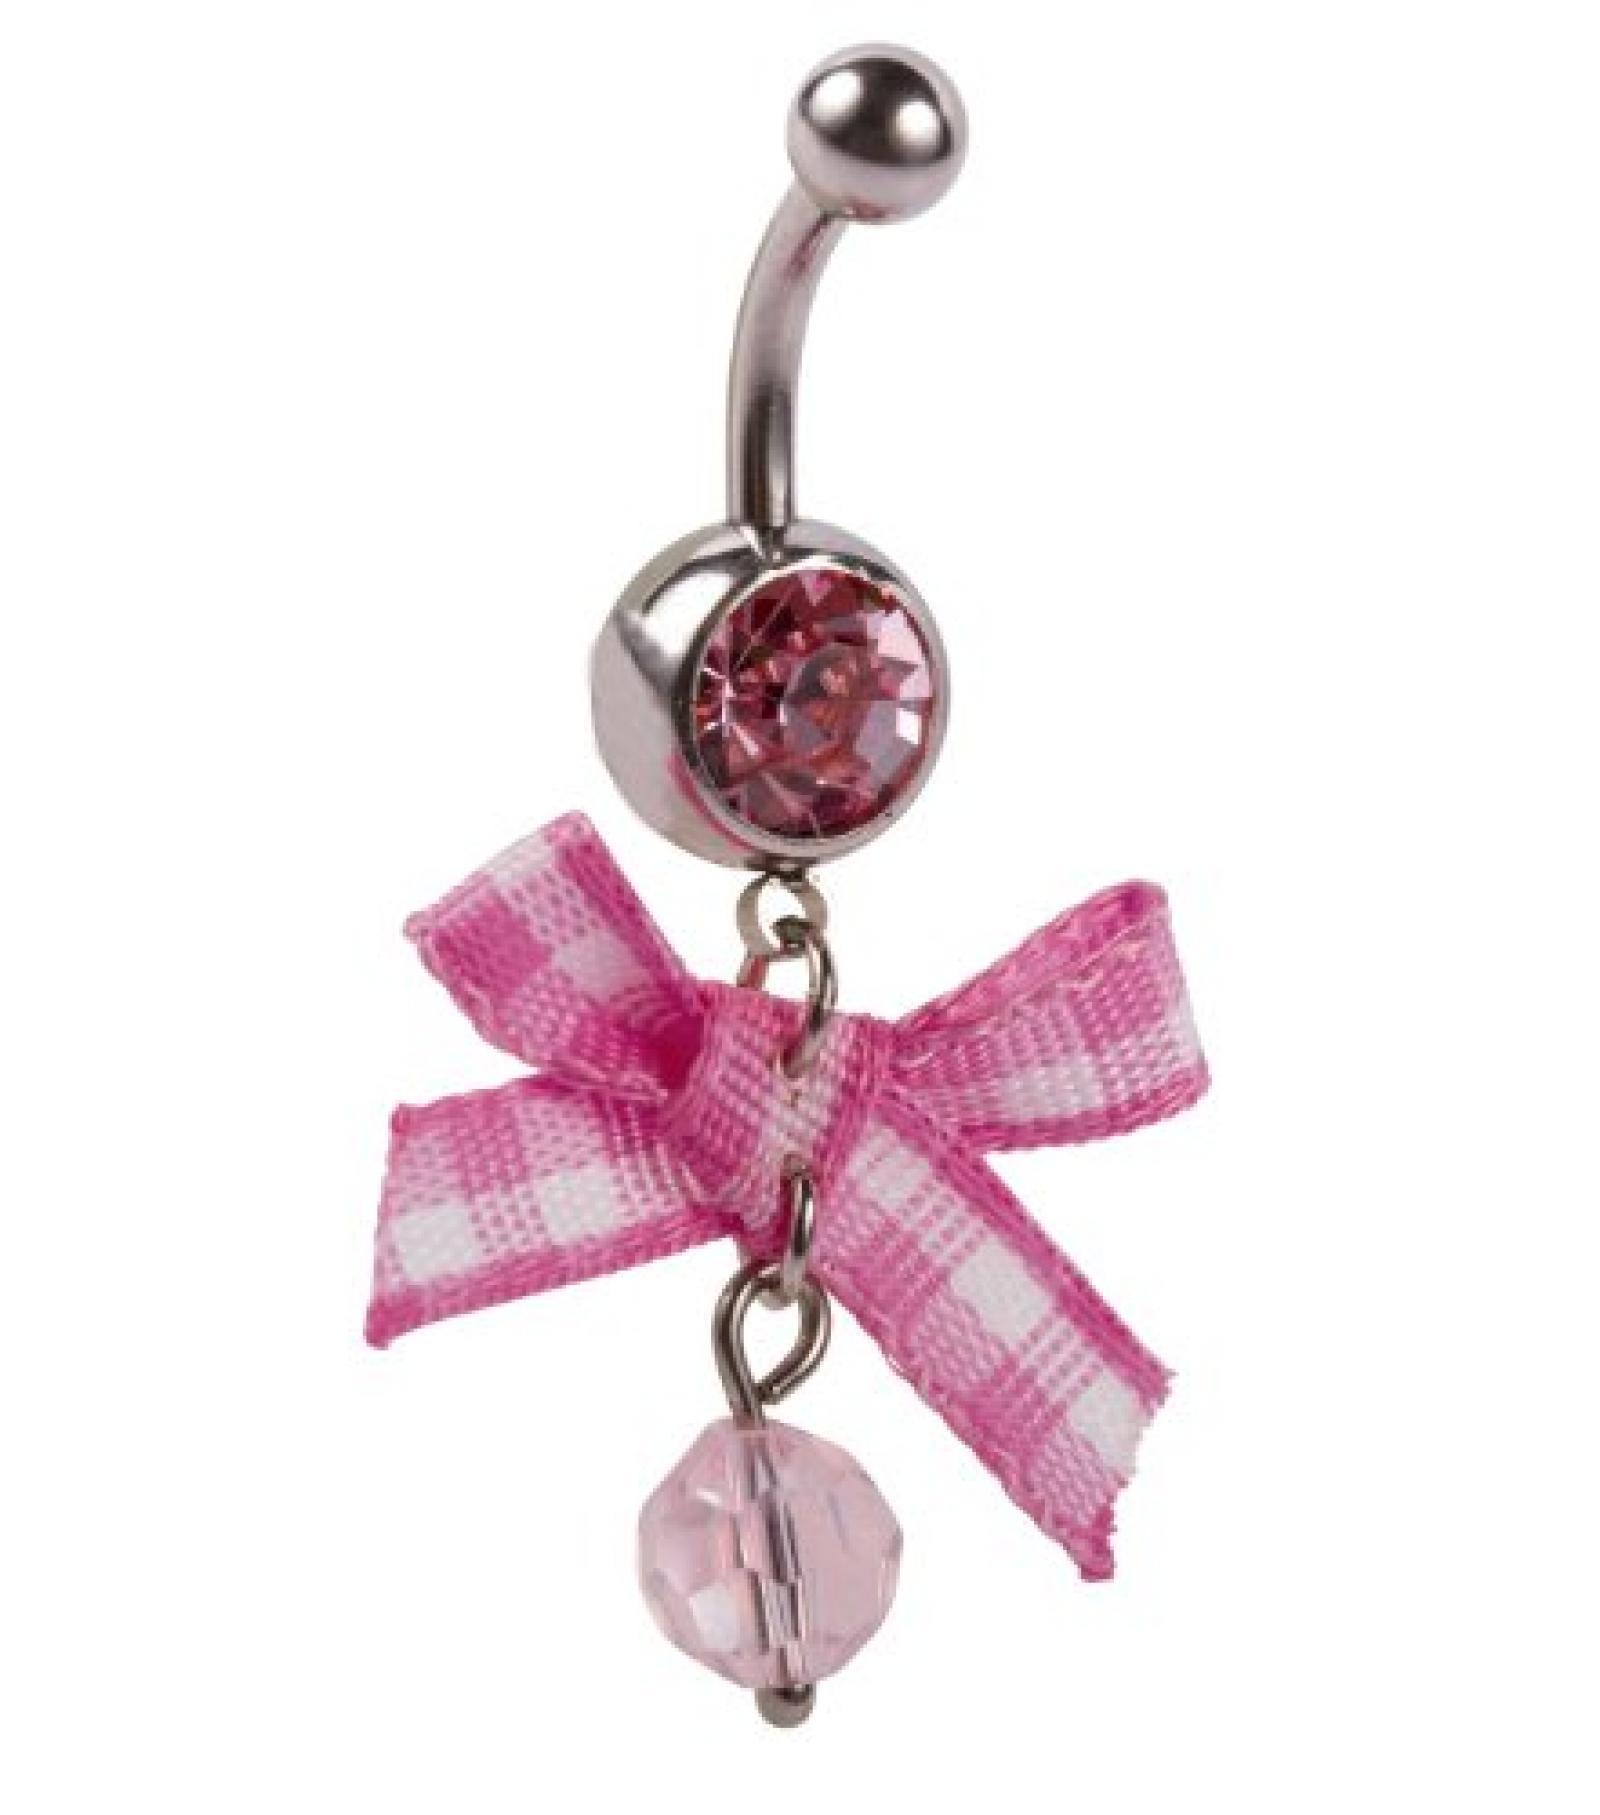 SIX silbernes Bauchnabel-Piercing mit rosa-weißer Schleife und Strass (269-261)